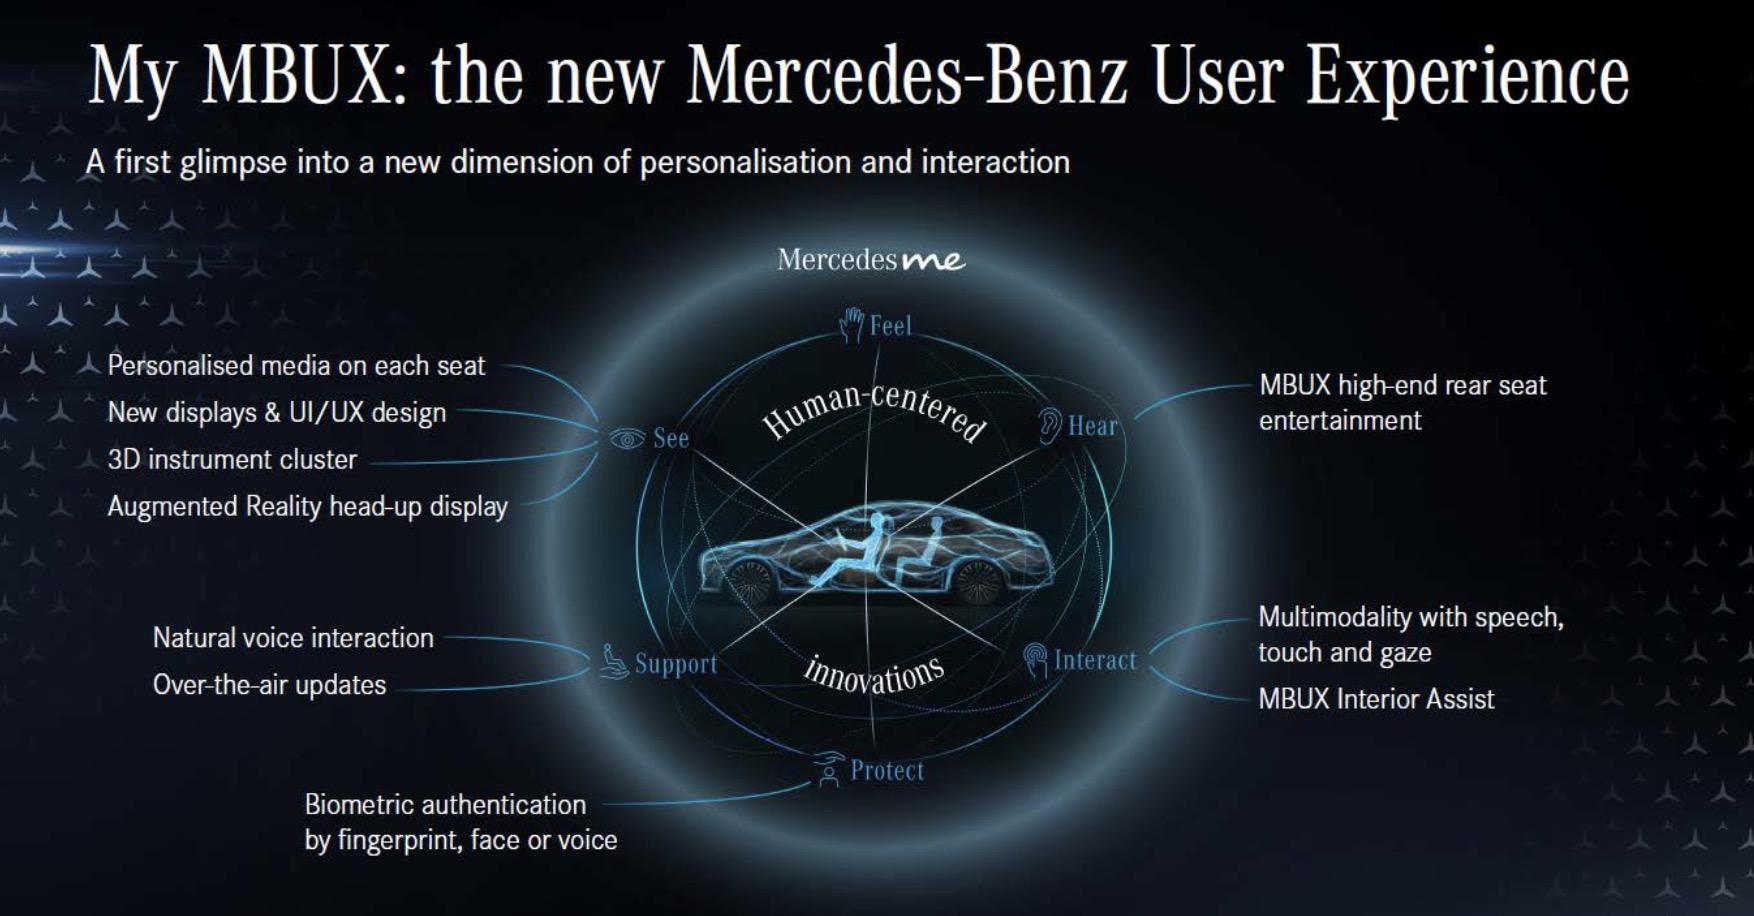 mercedes benz s class mbux